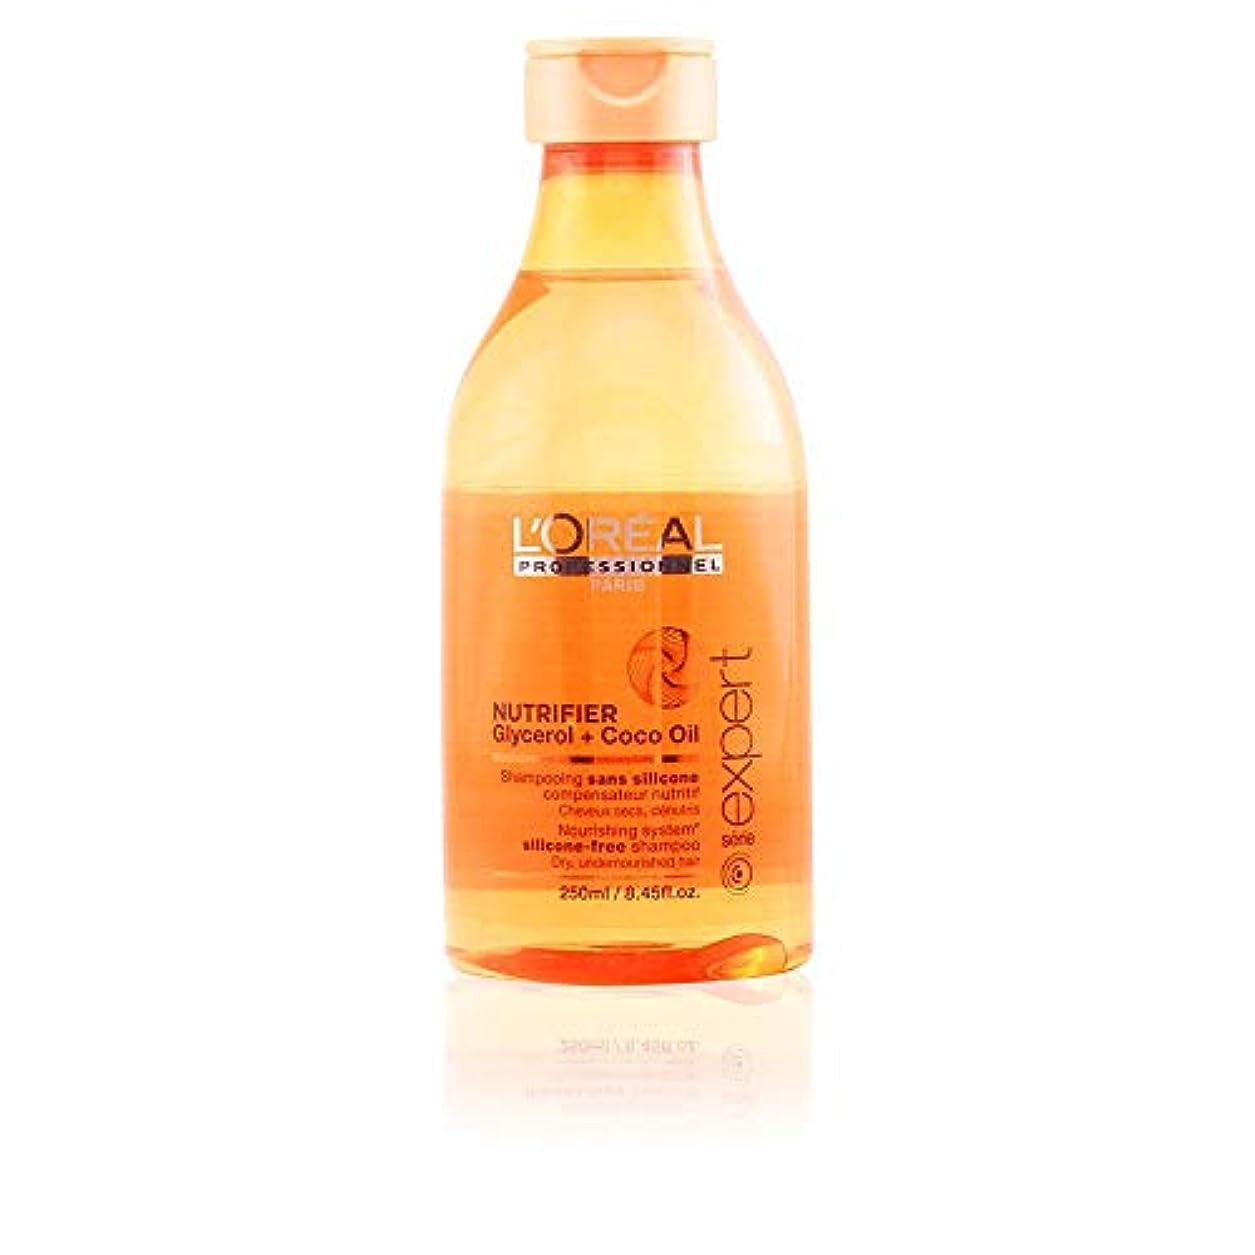 引き金白鳥いつもL'Oreal Serie Expert Glycerol + Coco Oil NUTRIFIER Nourishing System Silicone-Free Shampoo 300 ml [並行輸入品]